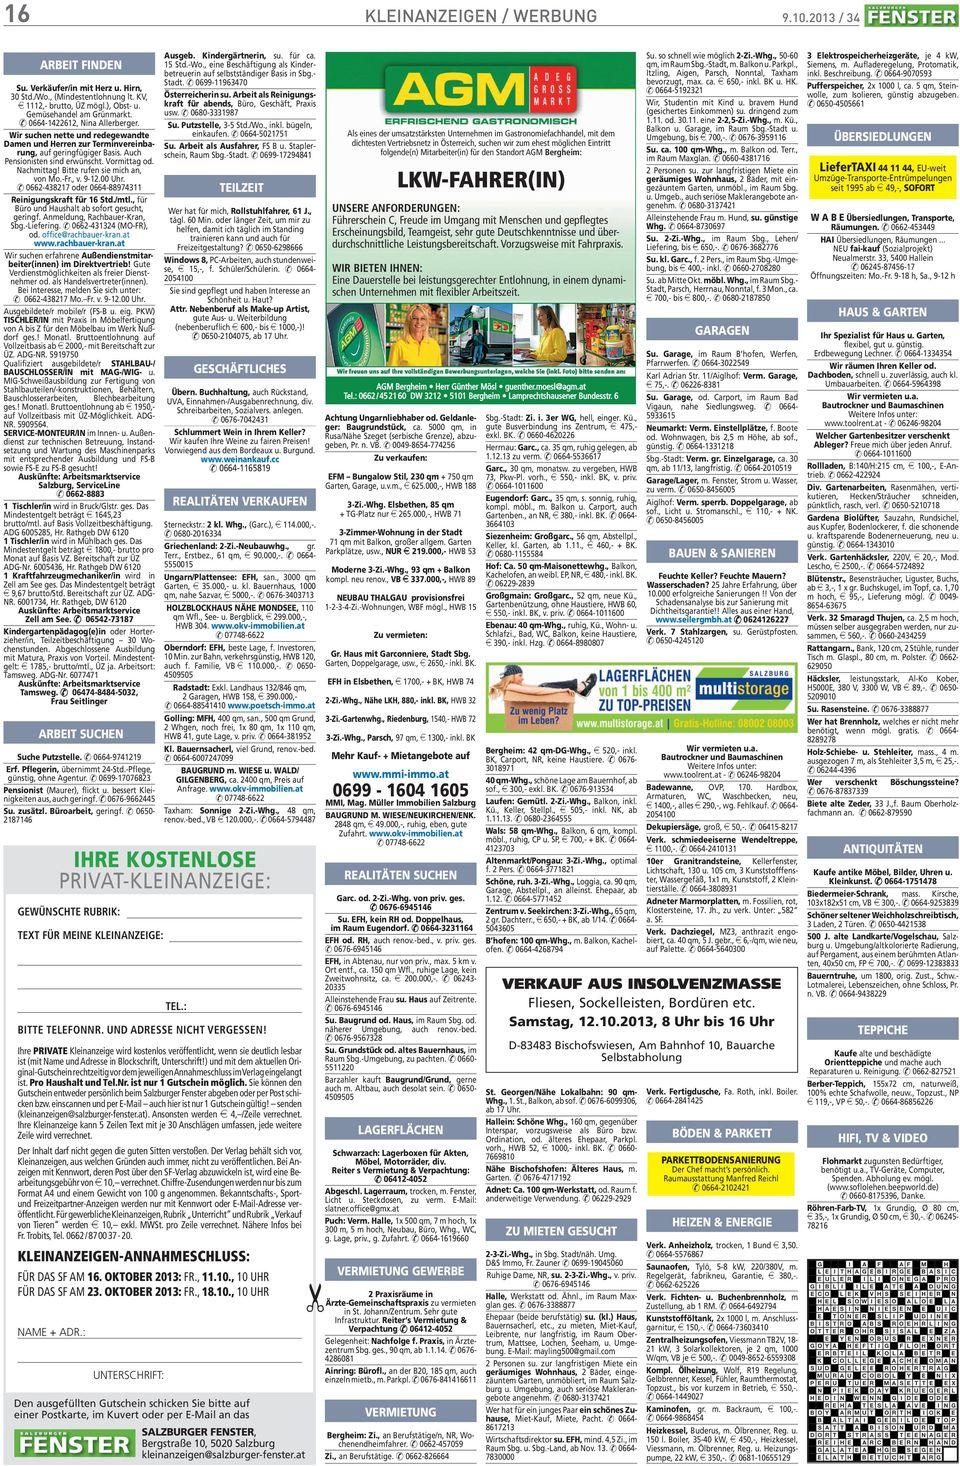 Holzleiter Alt Genial Was Sp– Gesundheitsminister Pdf Free Download